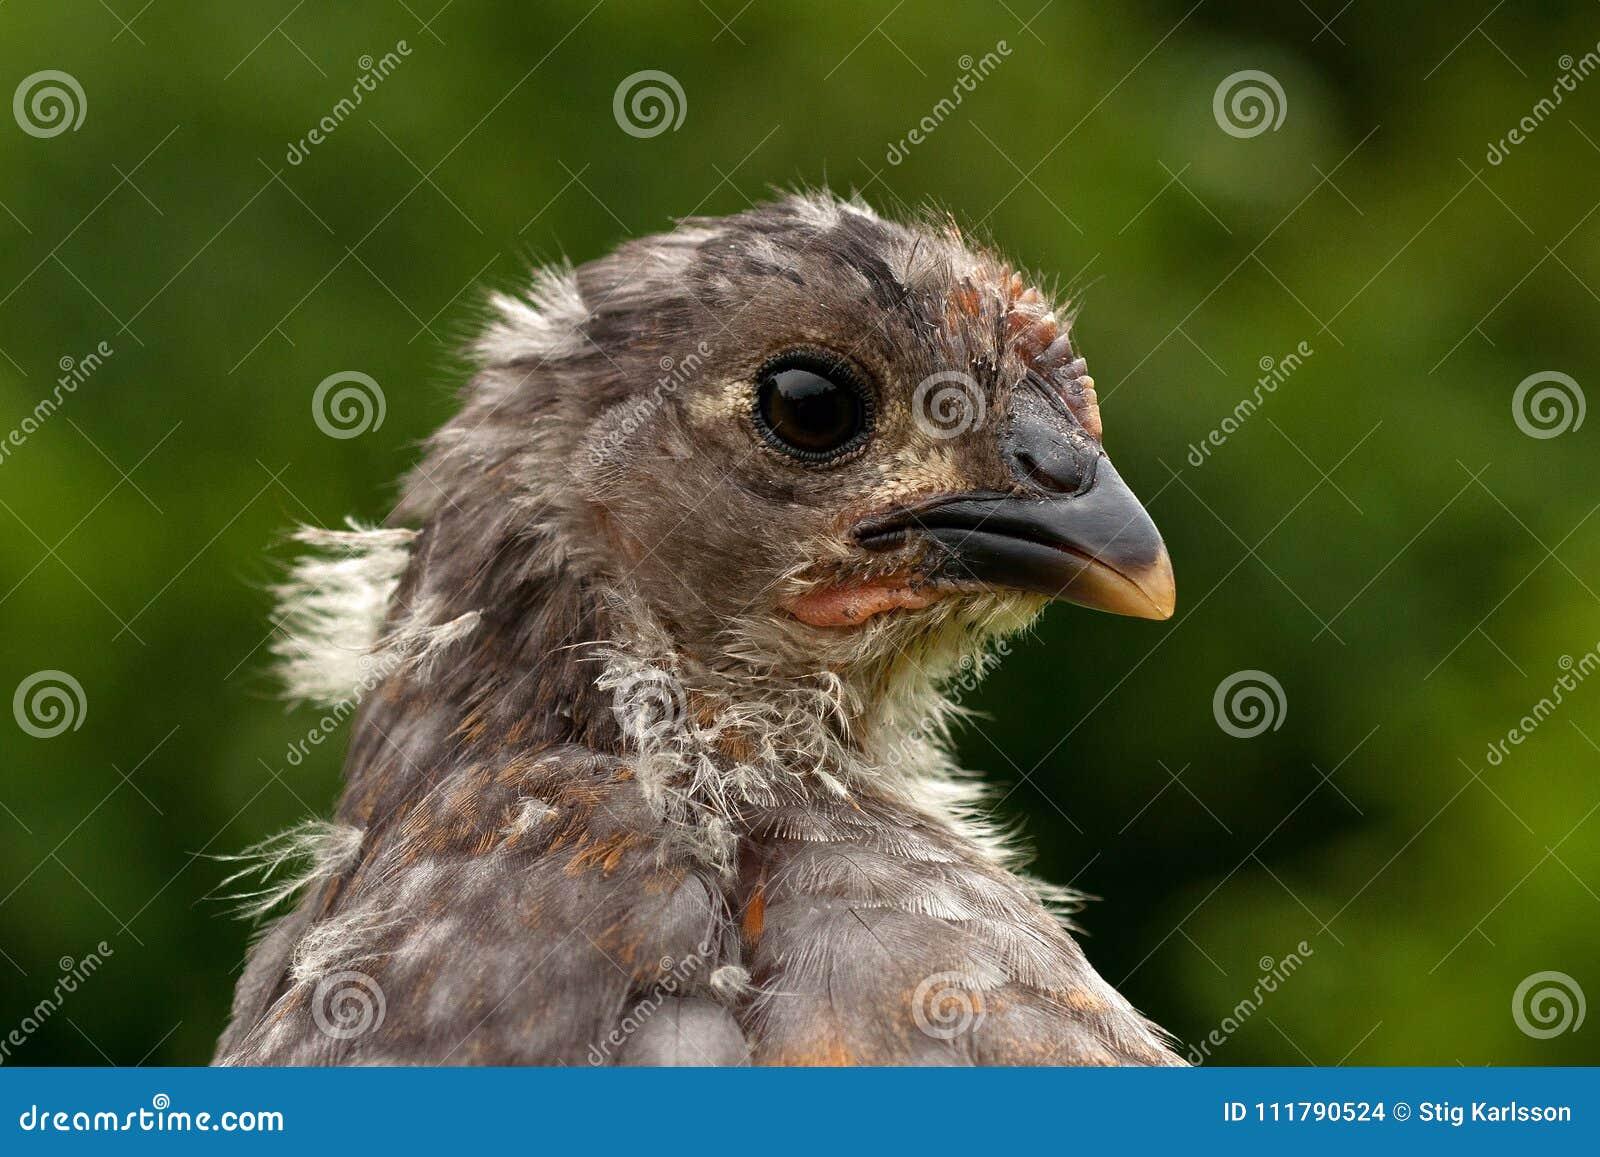 Мужчина цыпленка 4 недель старый, от породы Hedemora в Швеции